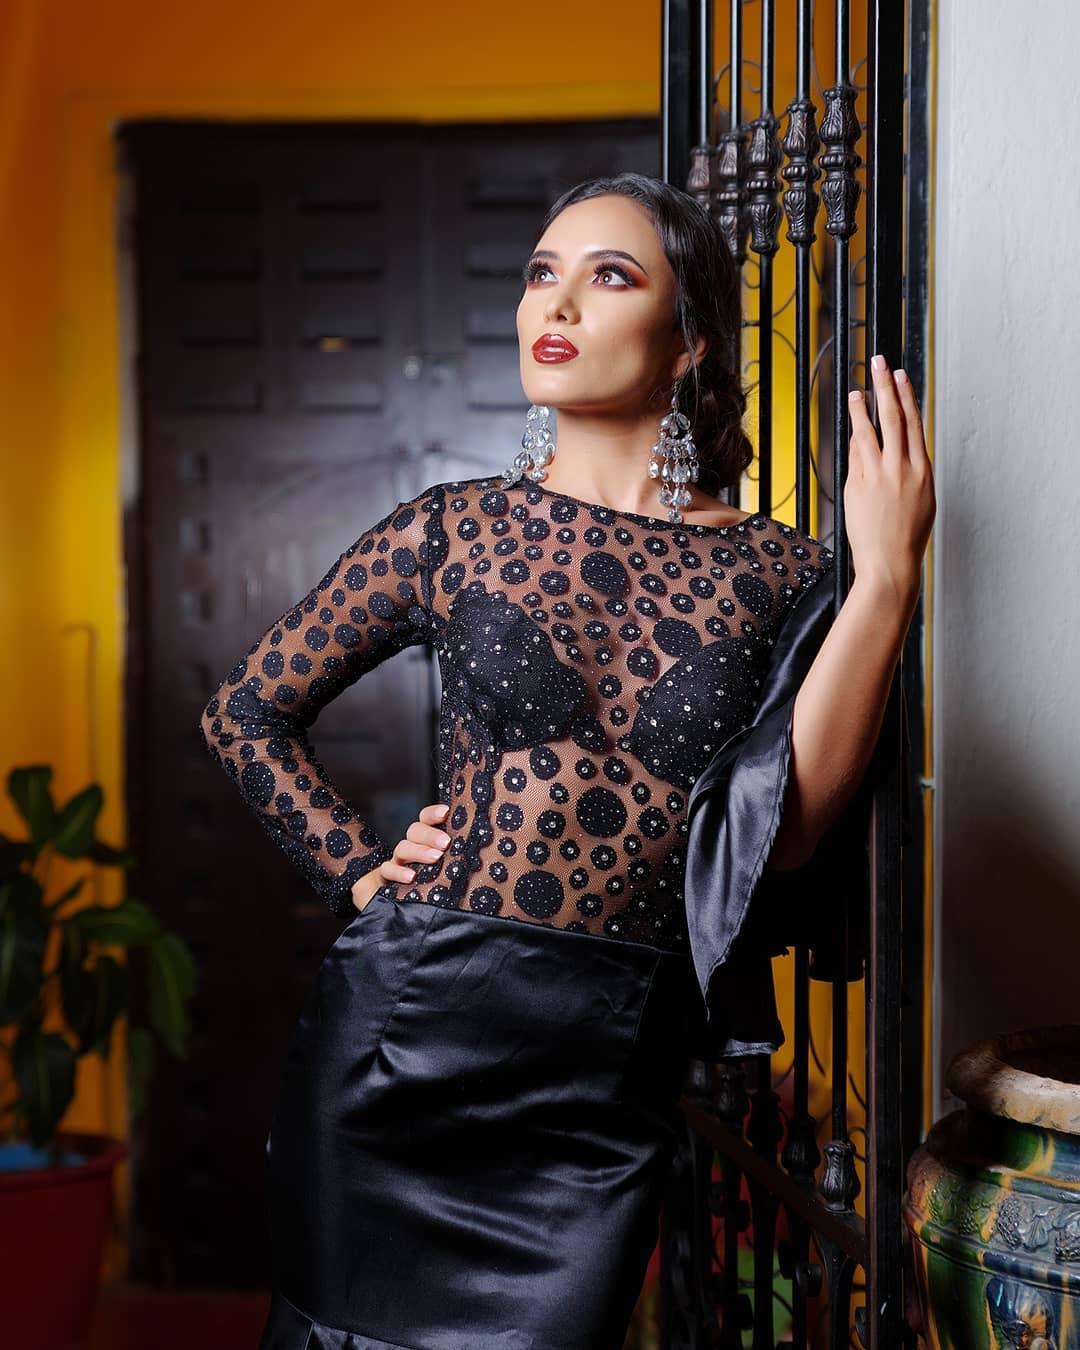 karolina vidales, candidata a miss mexico 2020, representando michoacan. - Página 8 67724810